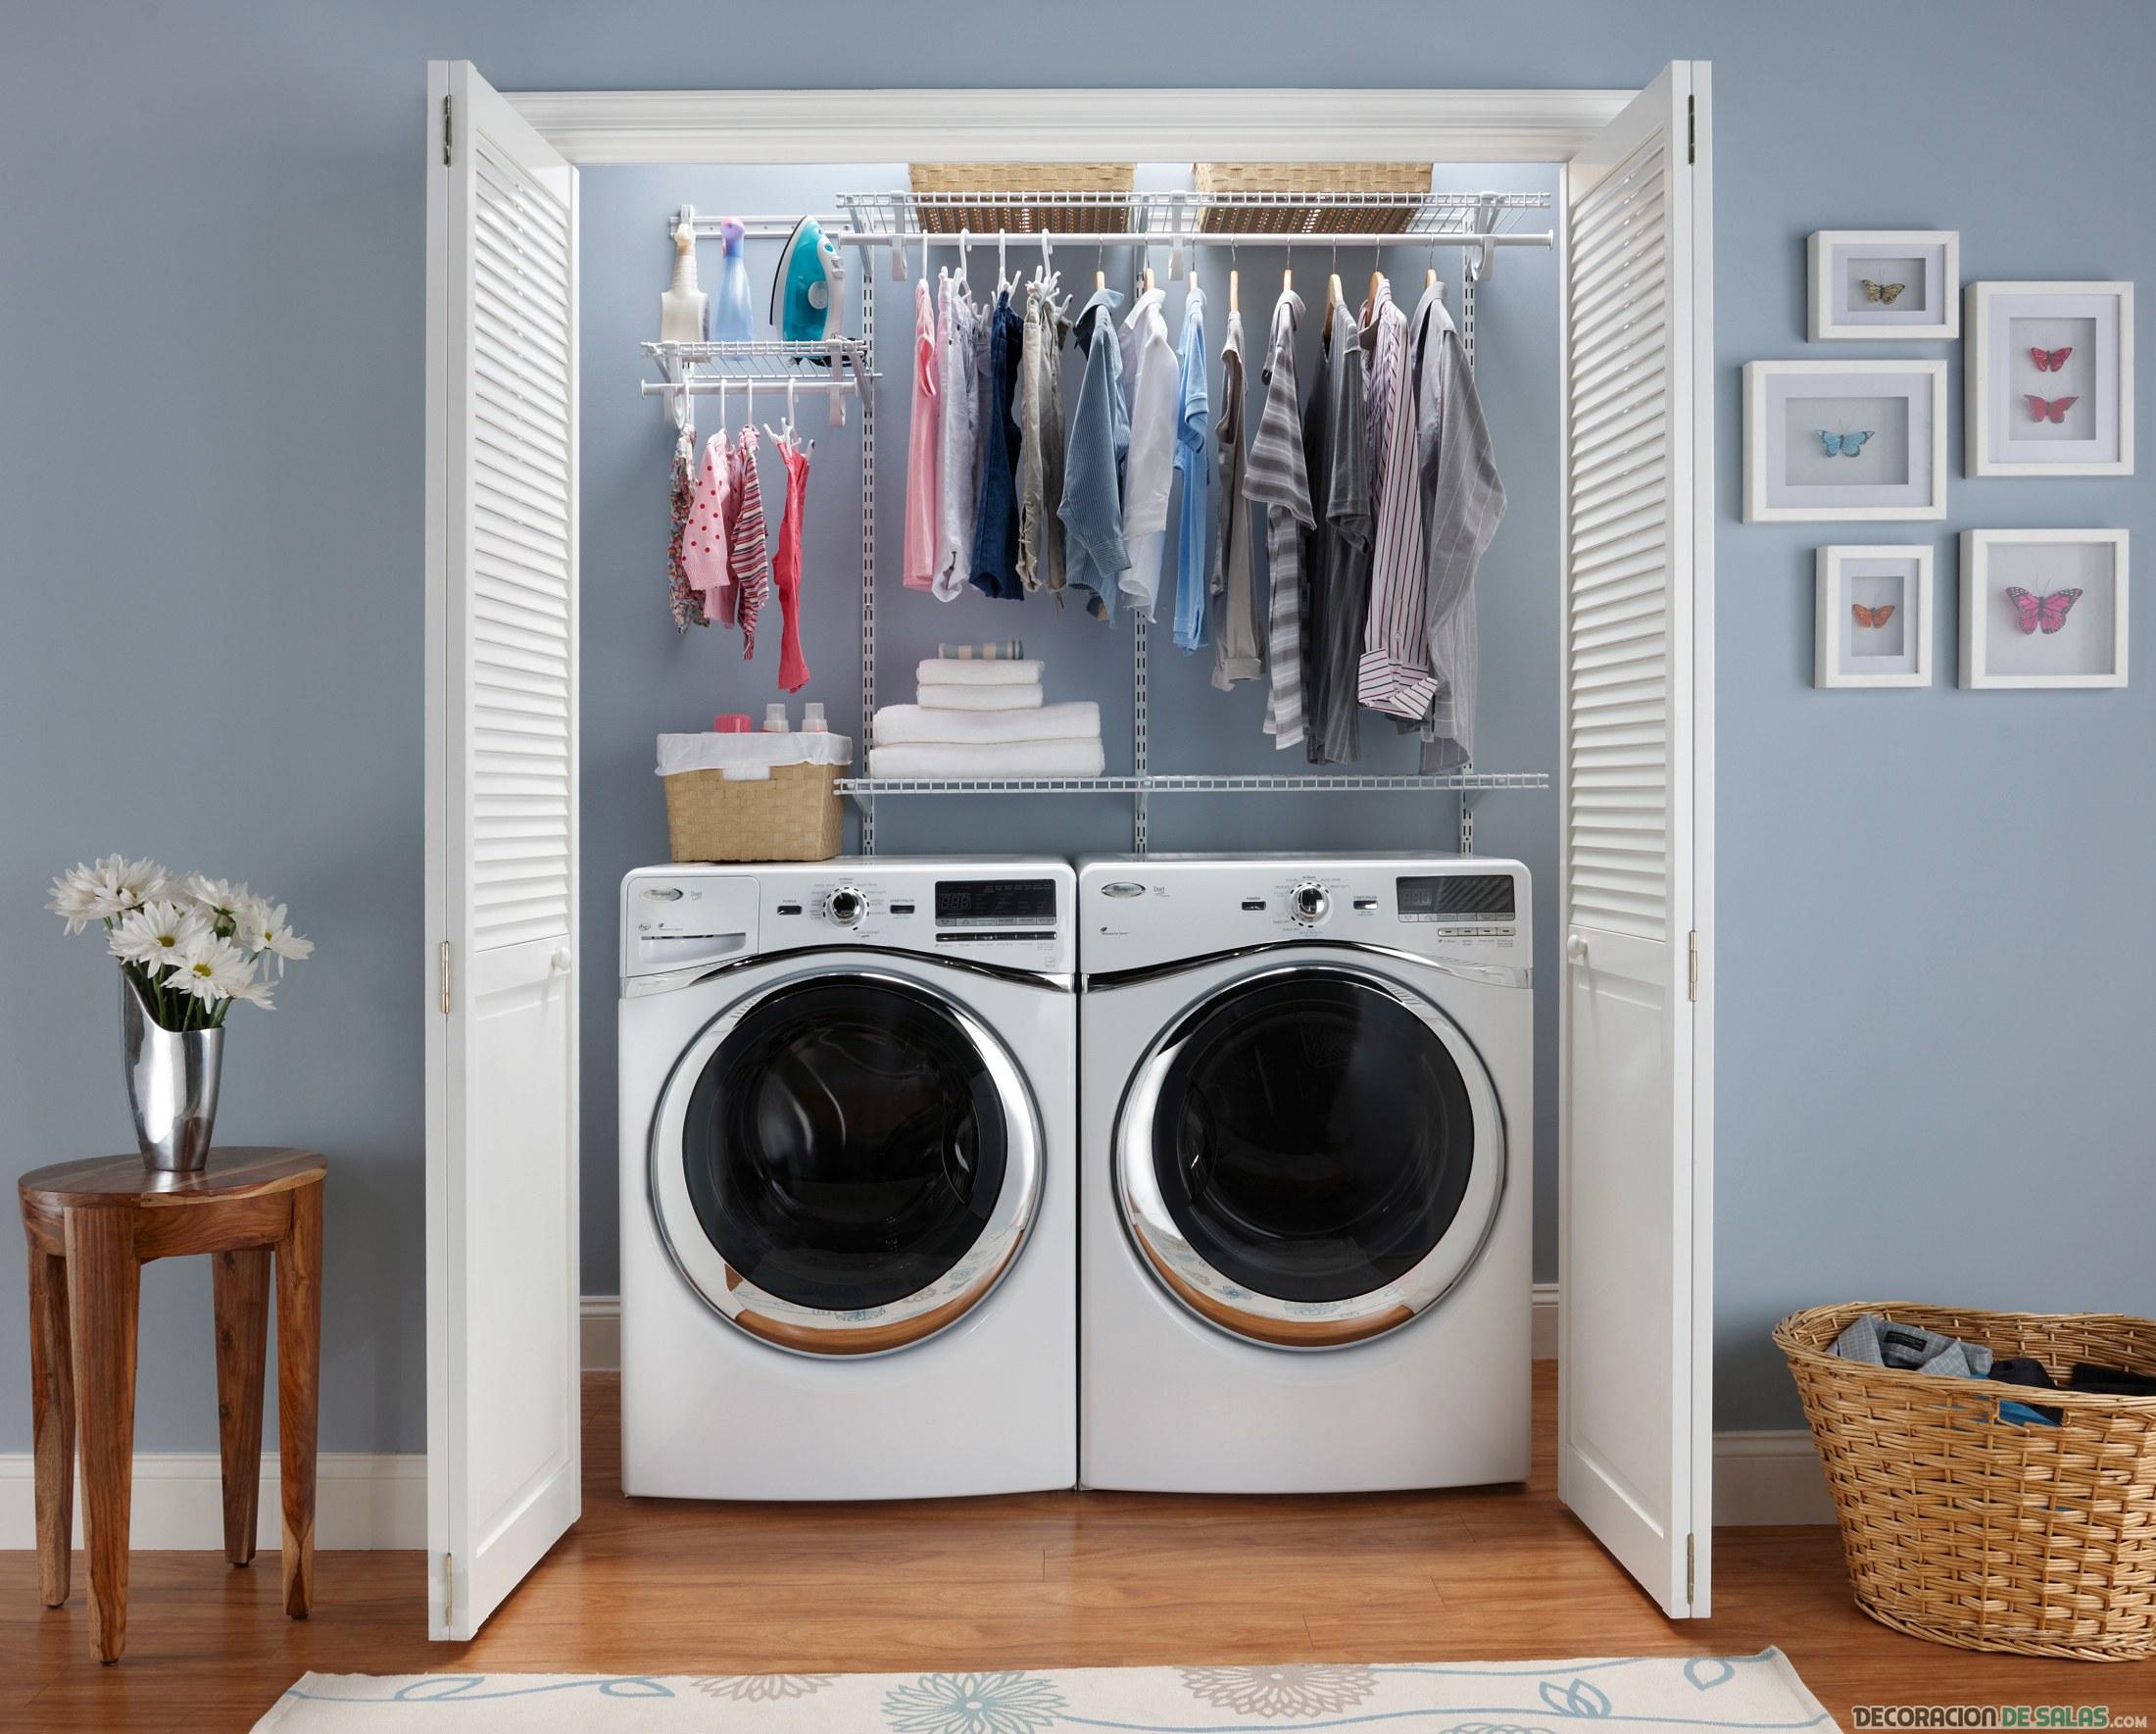 rincón de lavadora y secadora